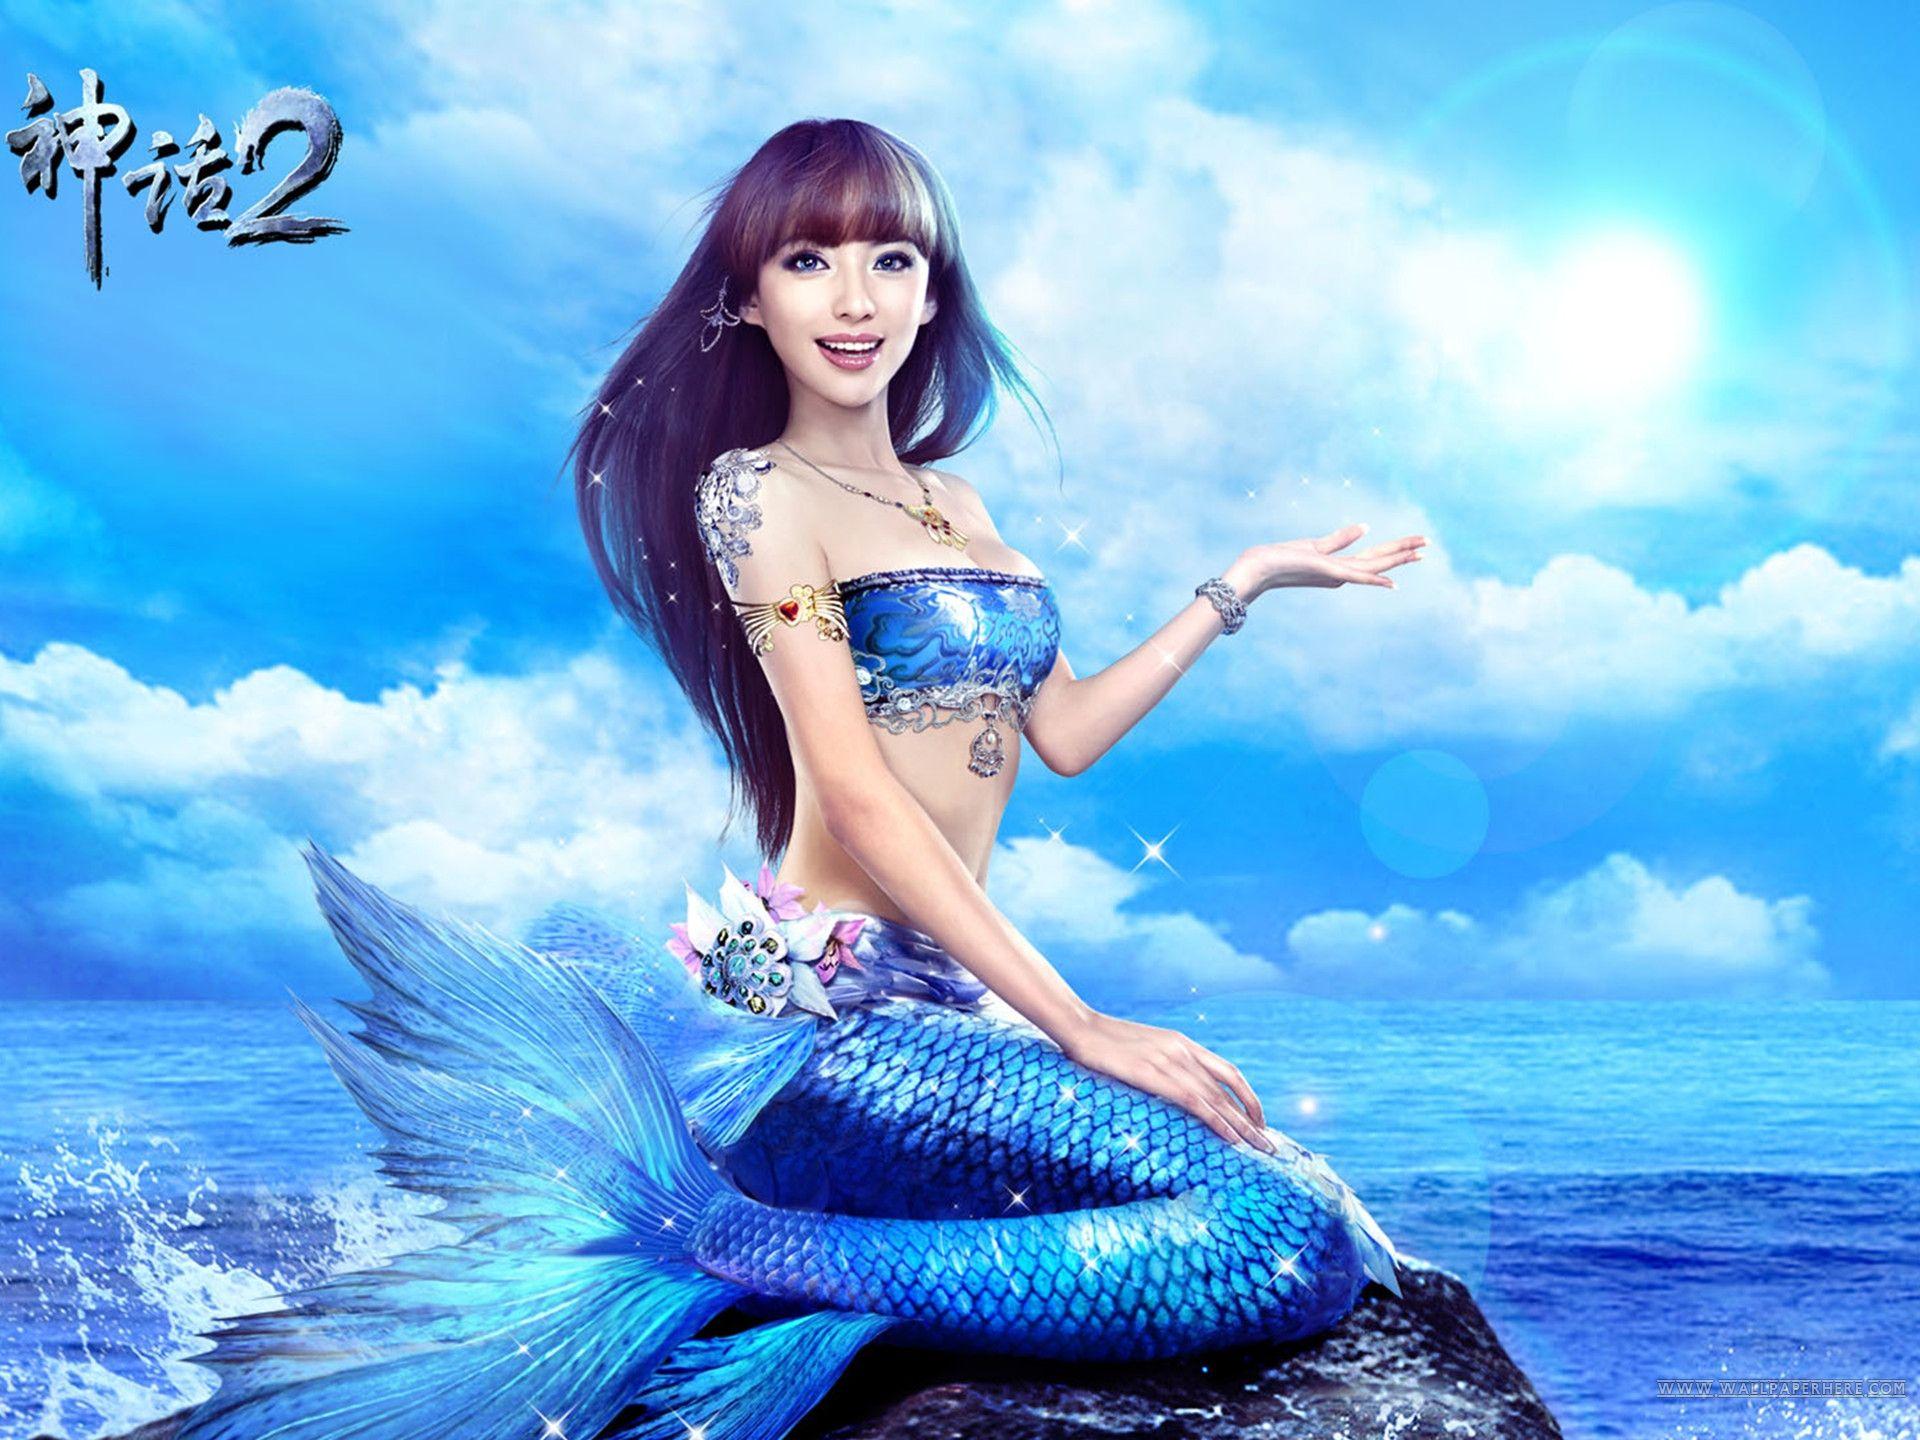 mermaid page 1